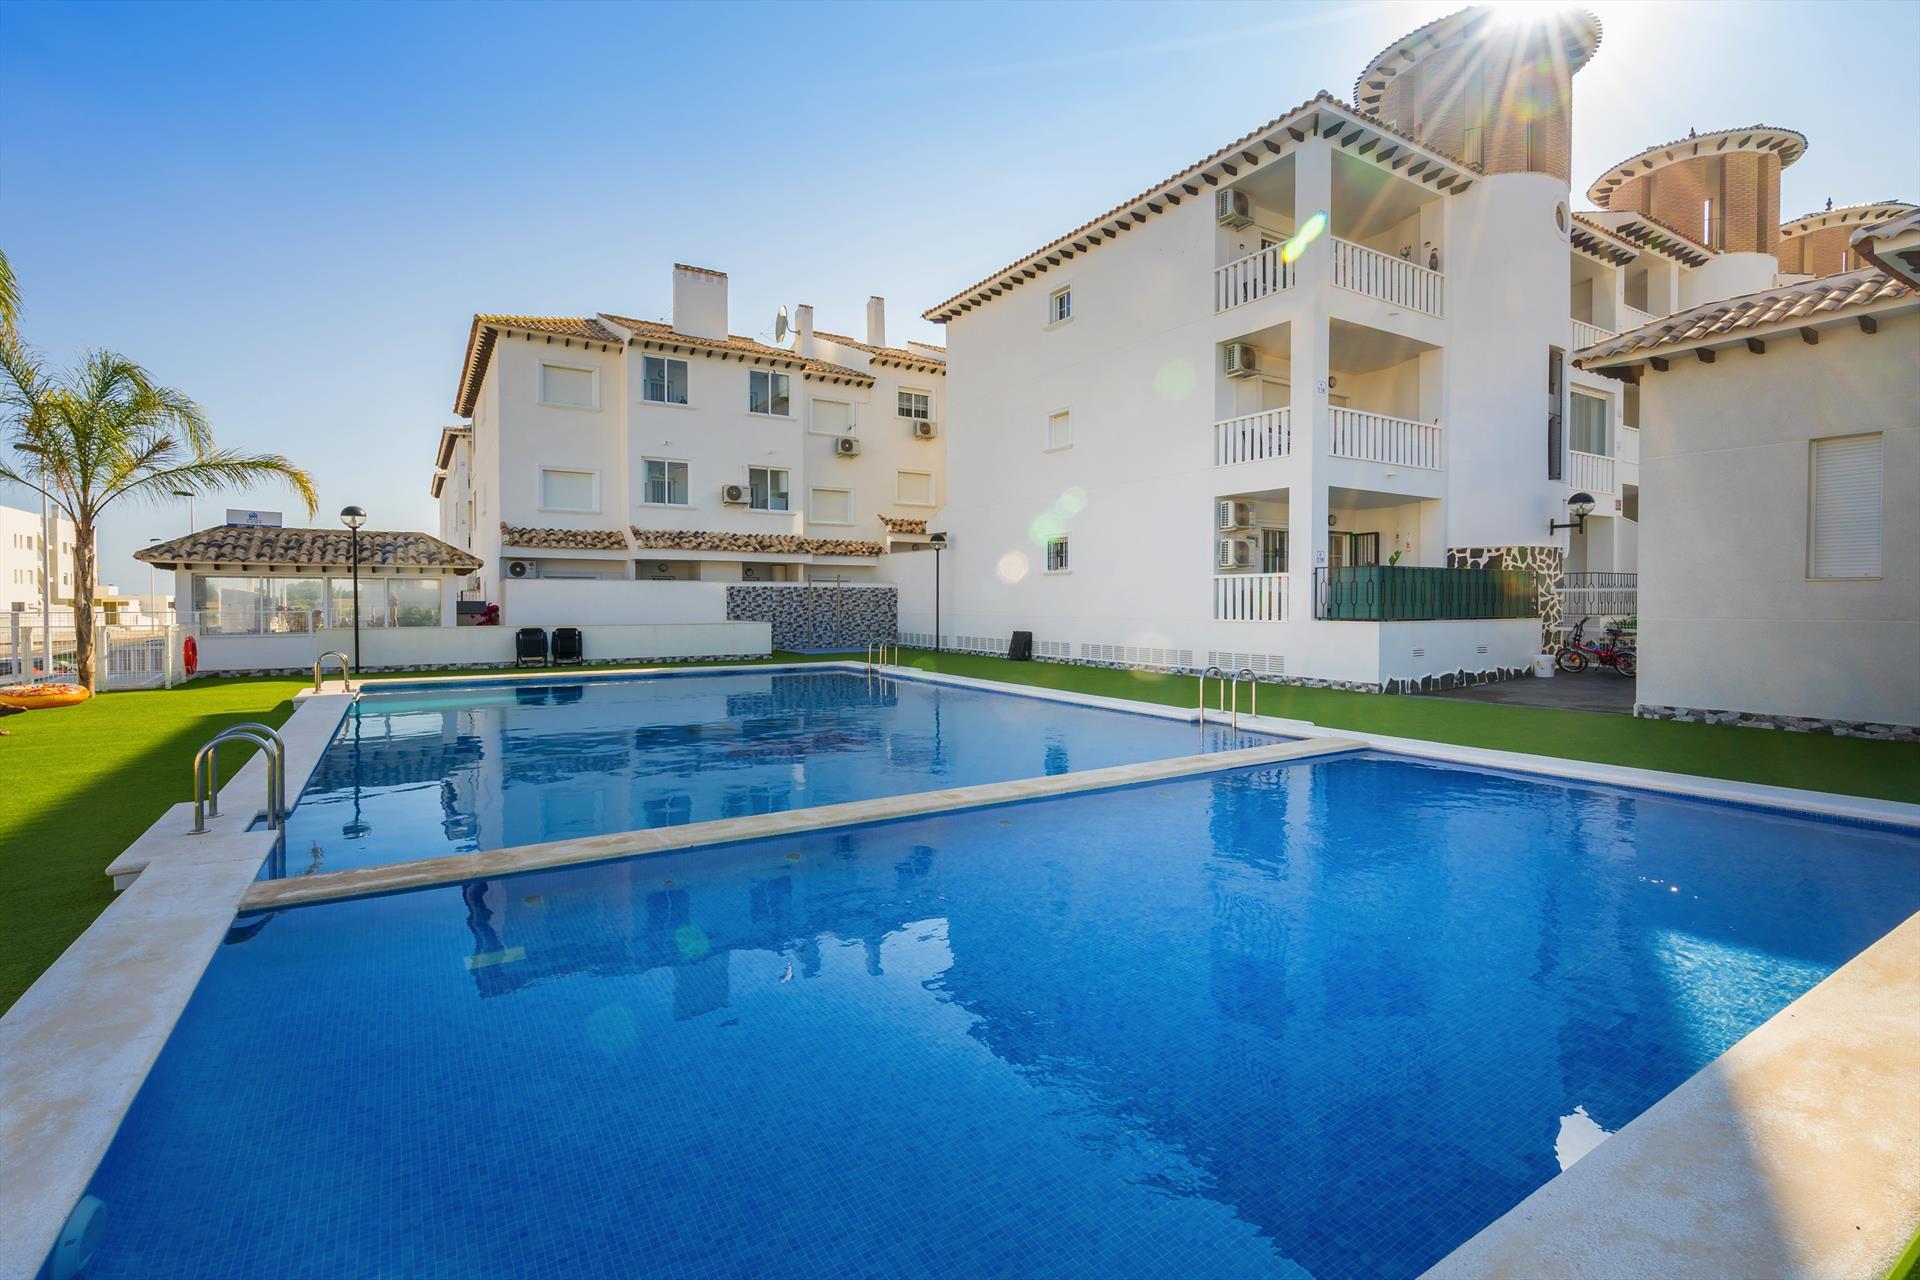 La Marina,Rustic apartment in La Marina-Elche, on the Costa Blanca, Spain for 4 persons.....